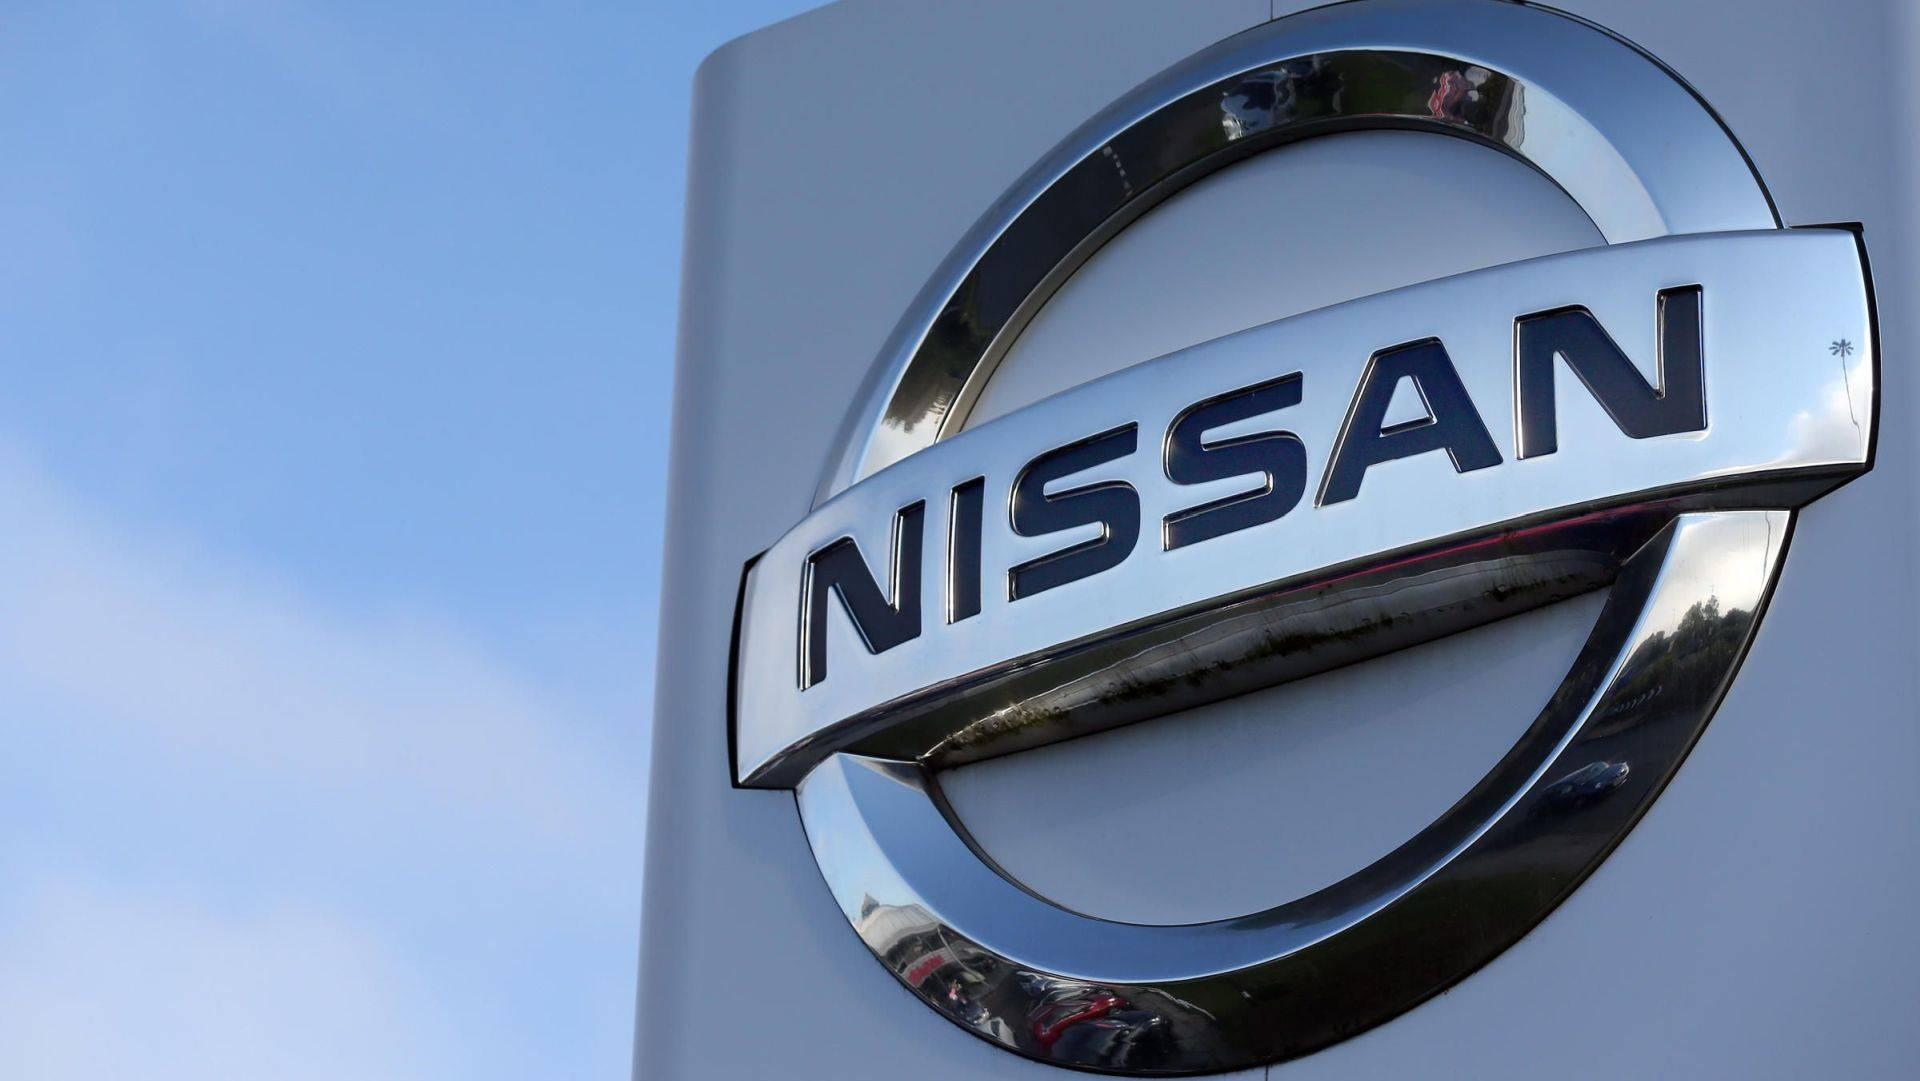 Nissan retirará diversos modelos de autos y SUVs debido a riesgo de incendio